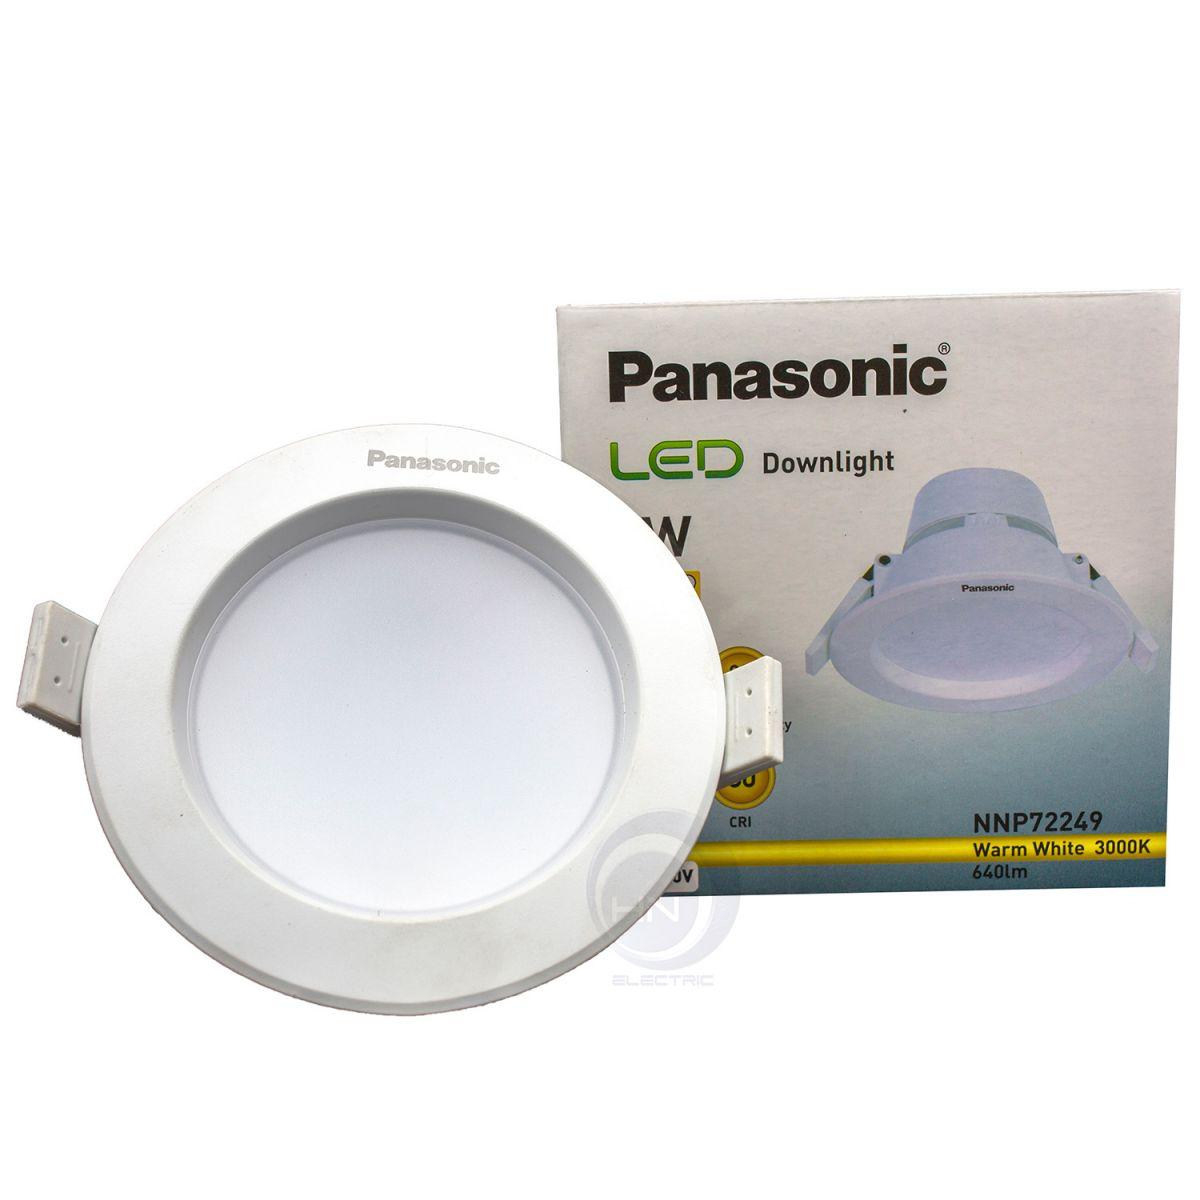 Đèn chiếu sáng Panasonic